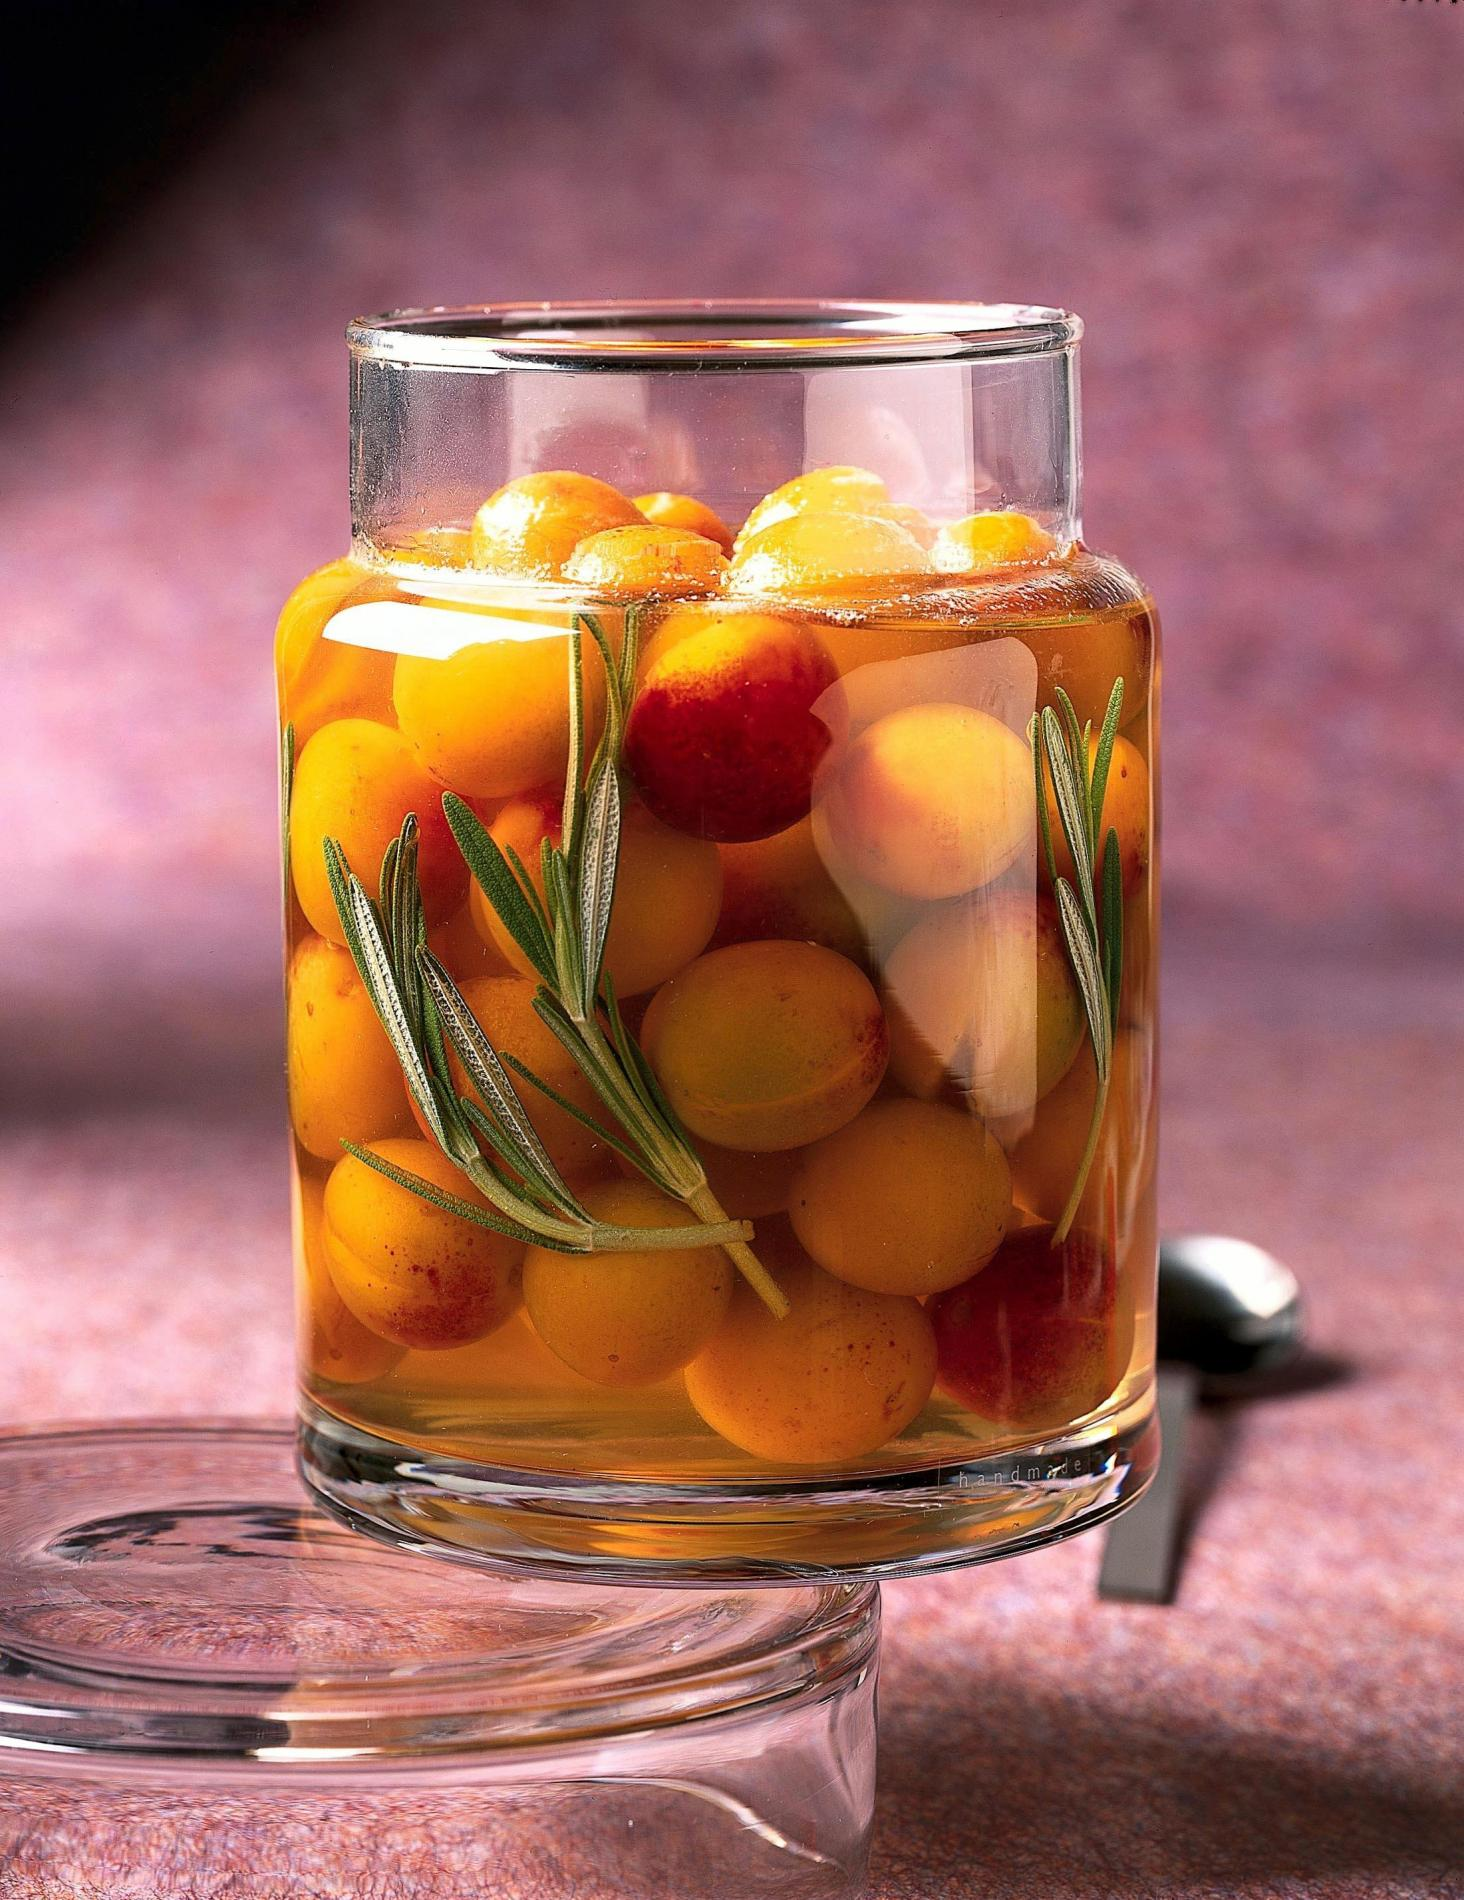 Recette sirop de mirabelles en aigre doux au romarin cuisine - Recette avec des mirabelles ...